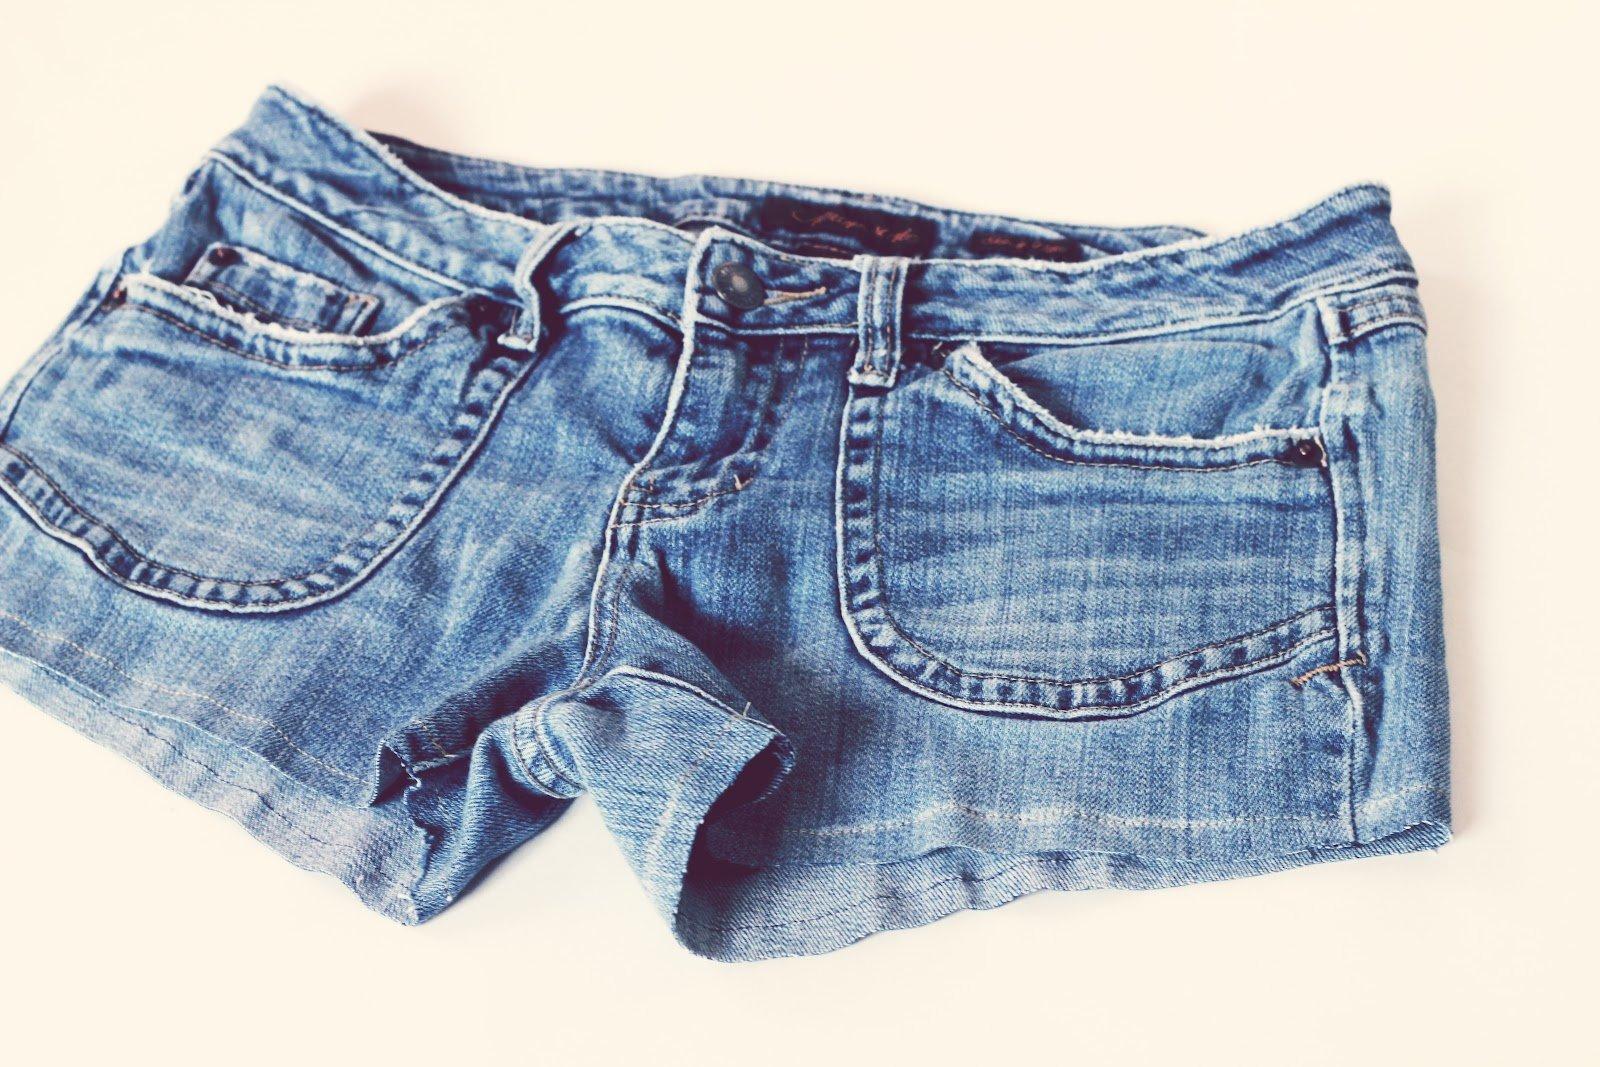 Джинсовые шорты своими руками фото и выкройки